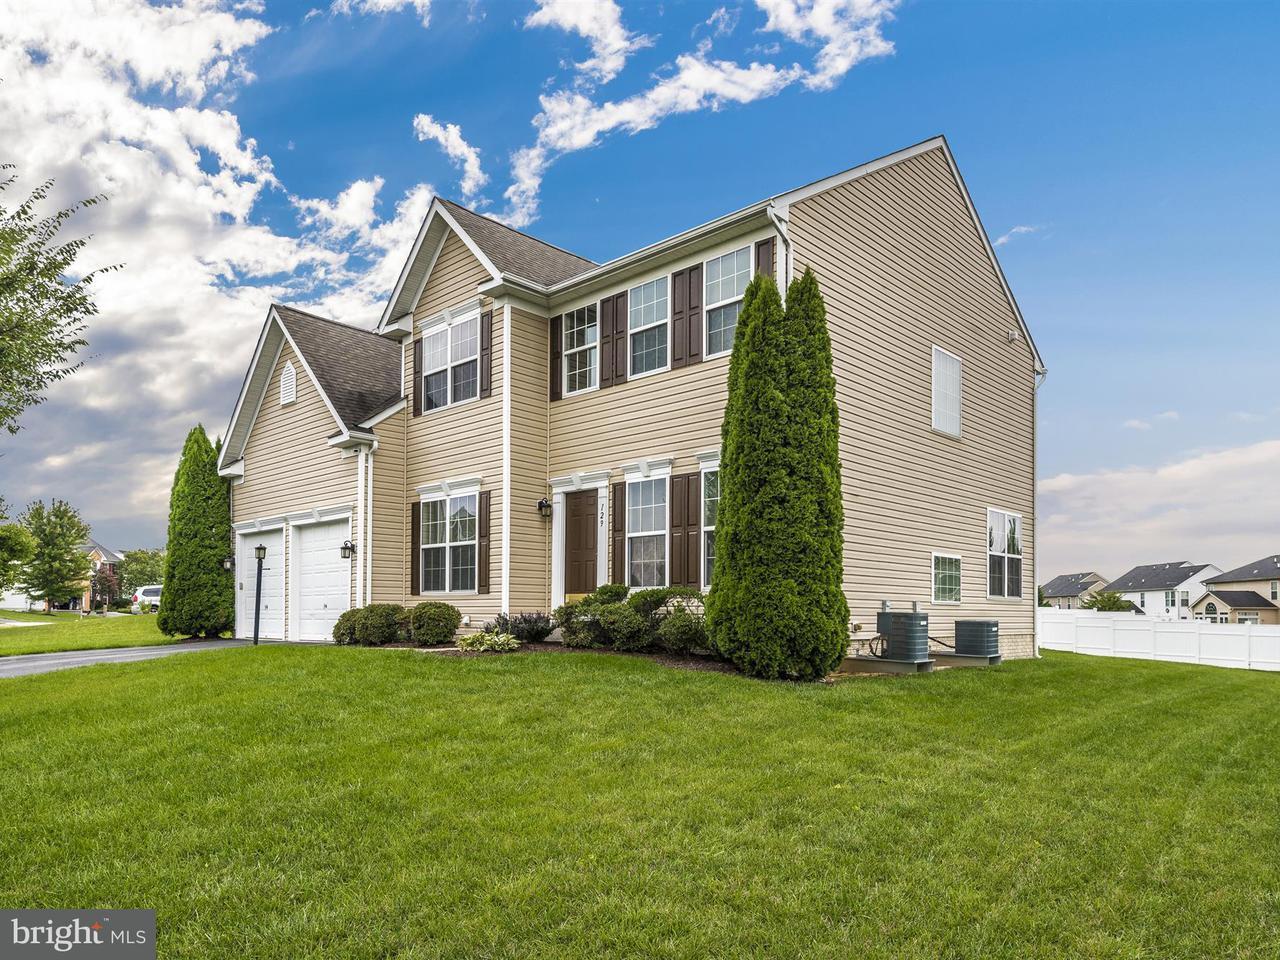 Casa Unifamiliar por un Venta en 129 CAPRICORN Road 129 CAPRICORN Road Walkersville, Maryland 21793 Estados Unidos